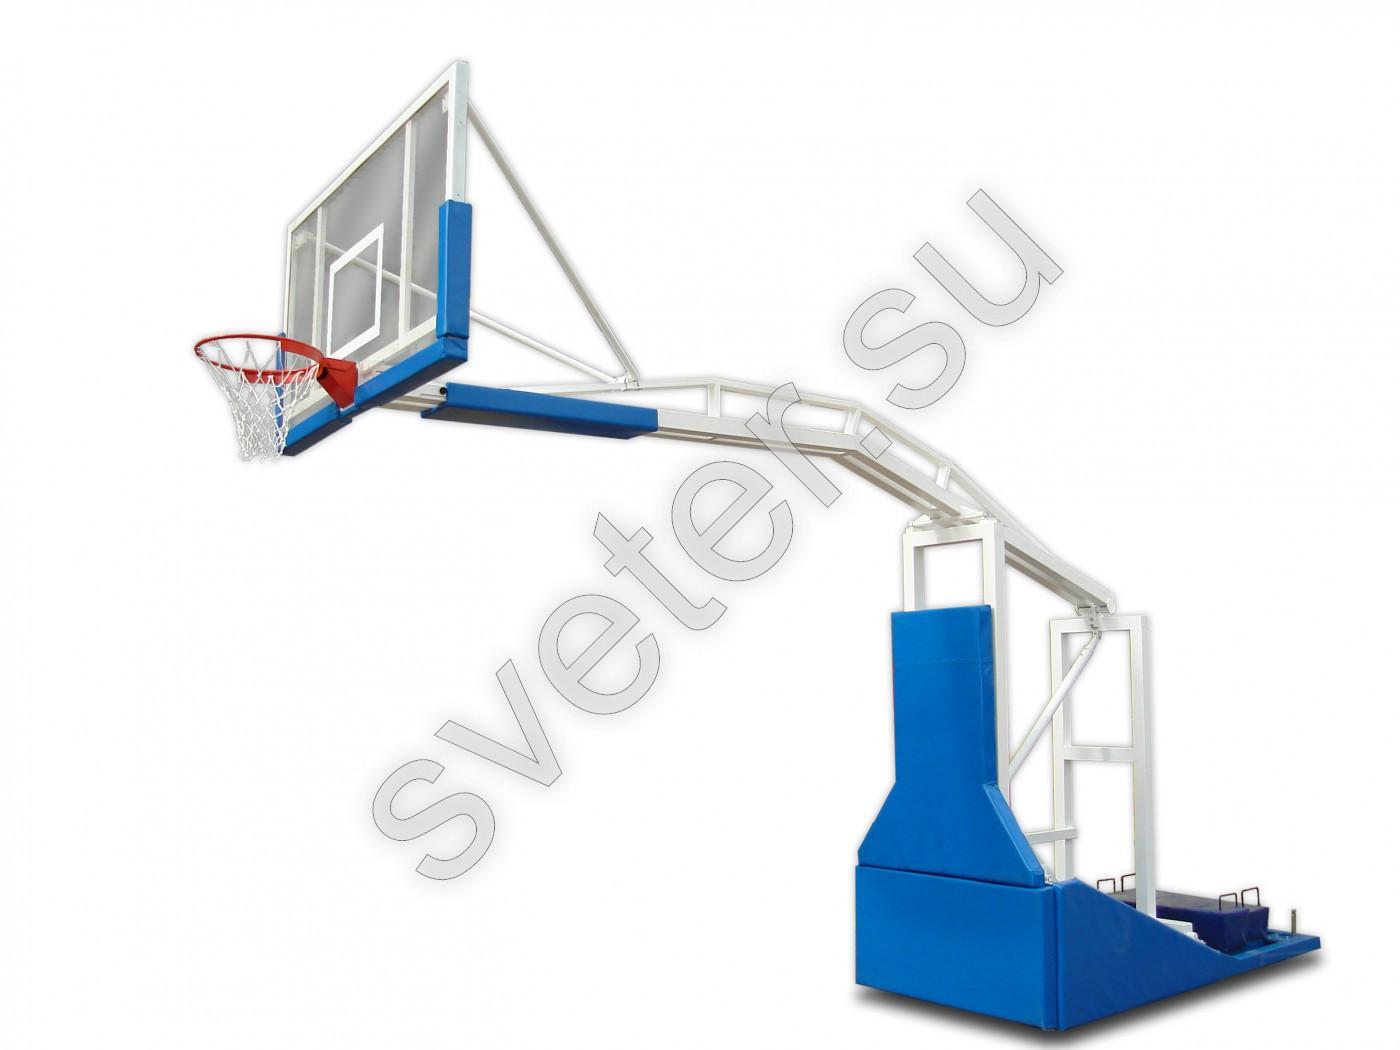 9c6eedb1 Стойка баскетбольная мобильная складная с выносом 1,65м с лебёдочным  подъёмом стрелы без противовесов